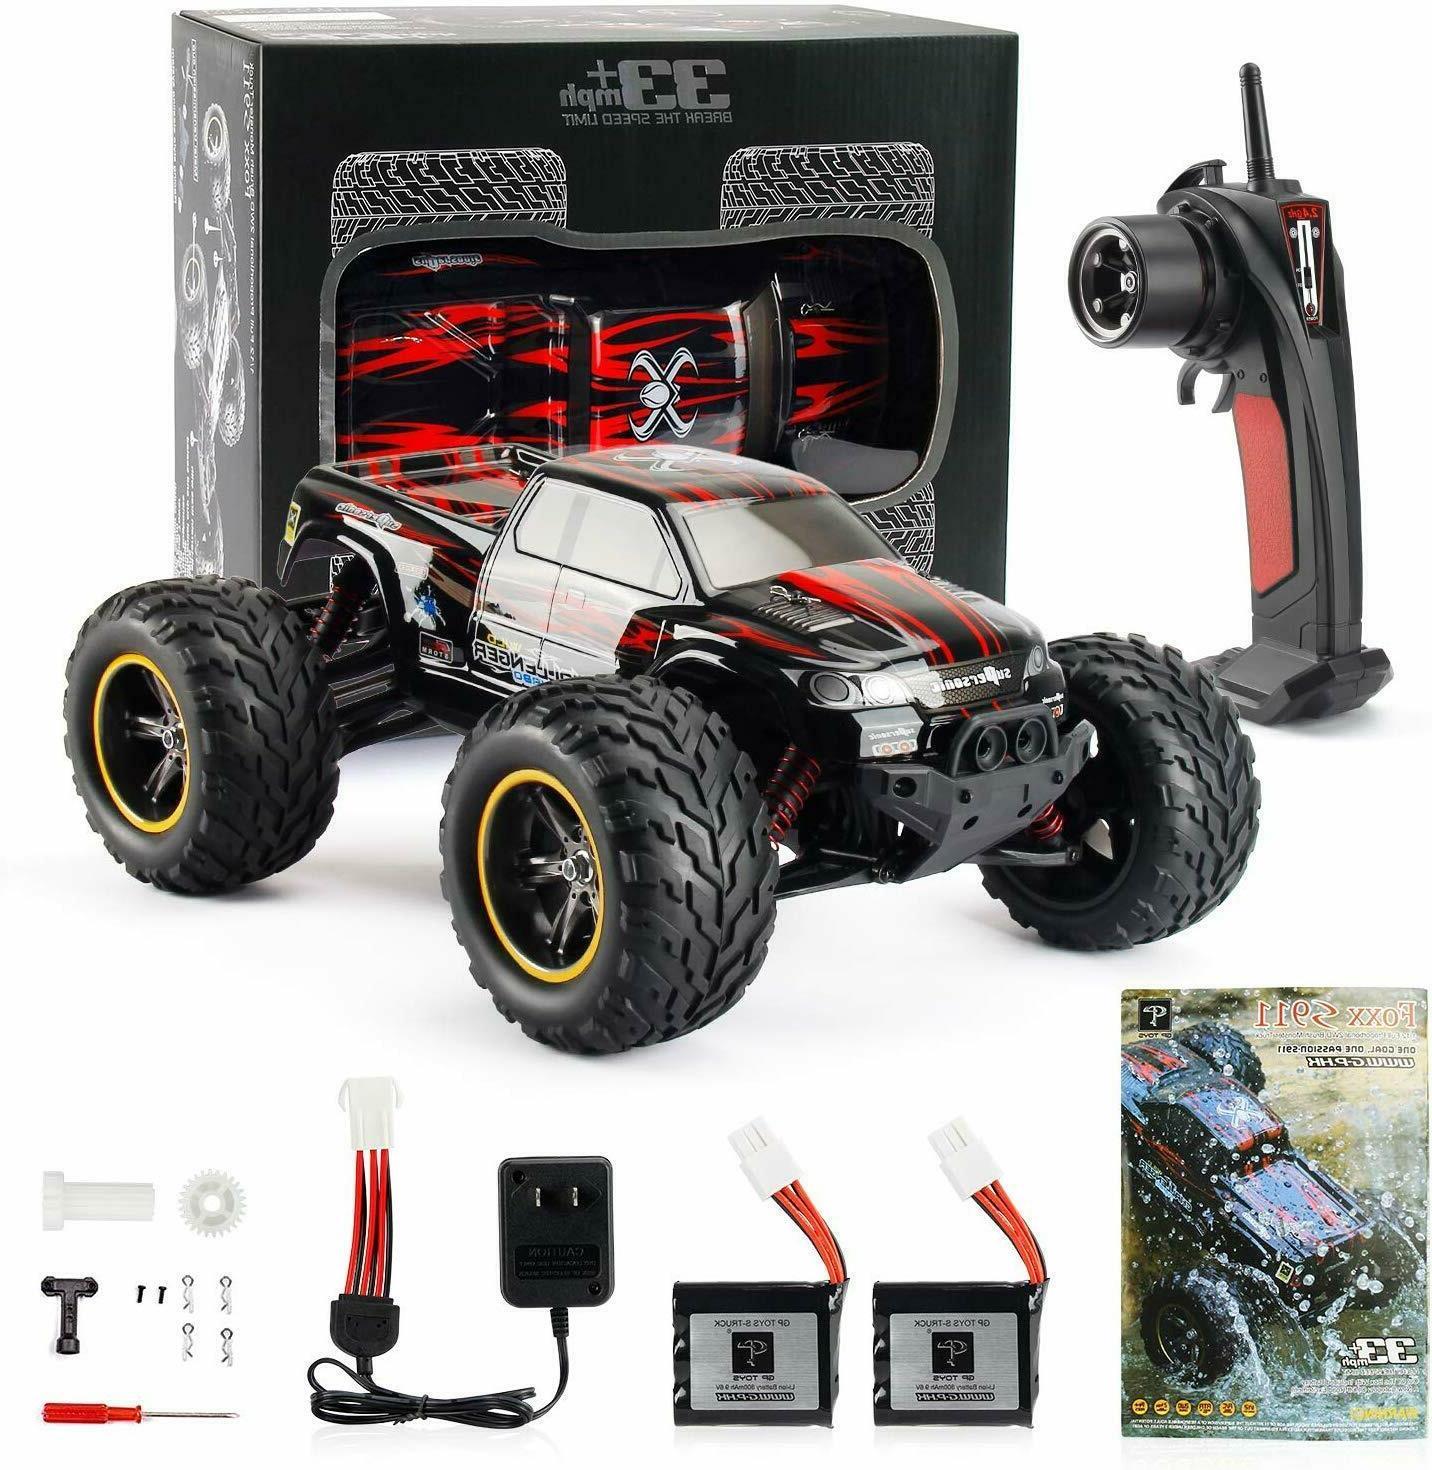 Theefun mph Speed Control 1: 12 Electric